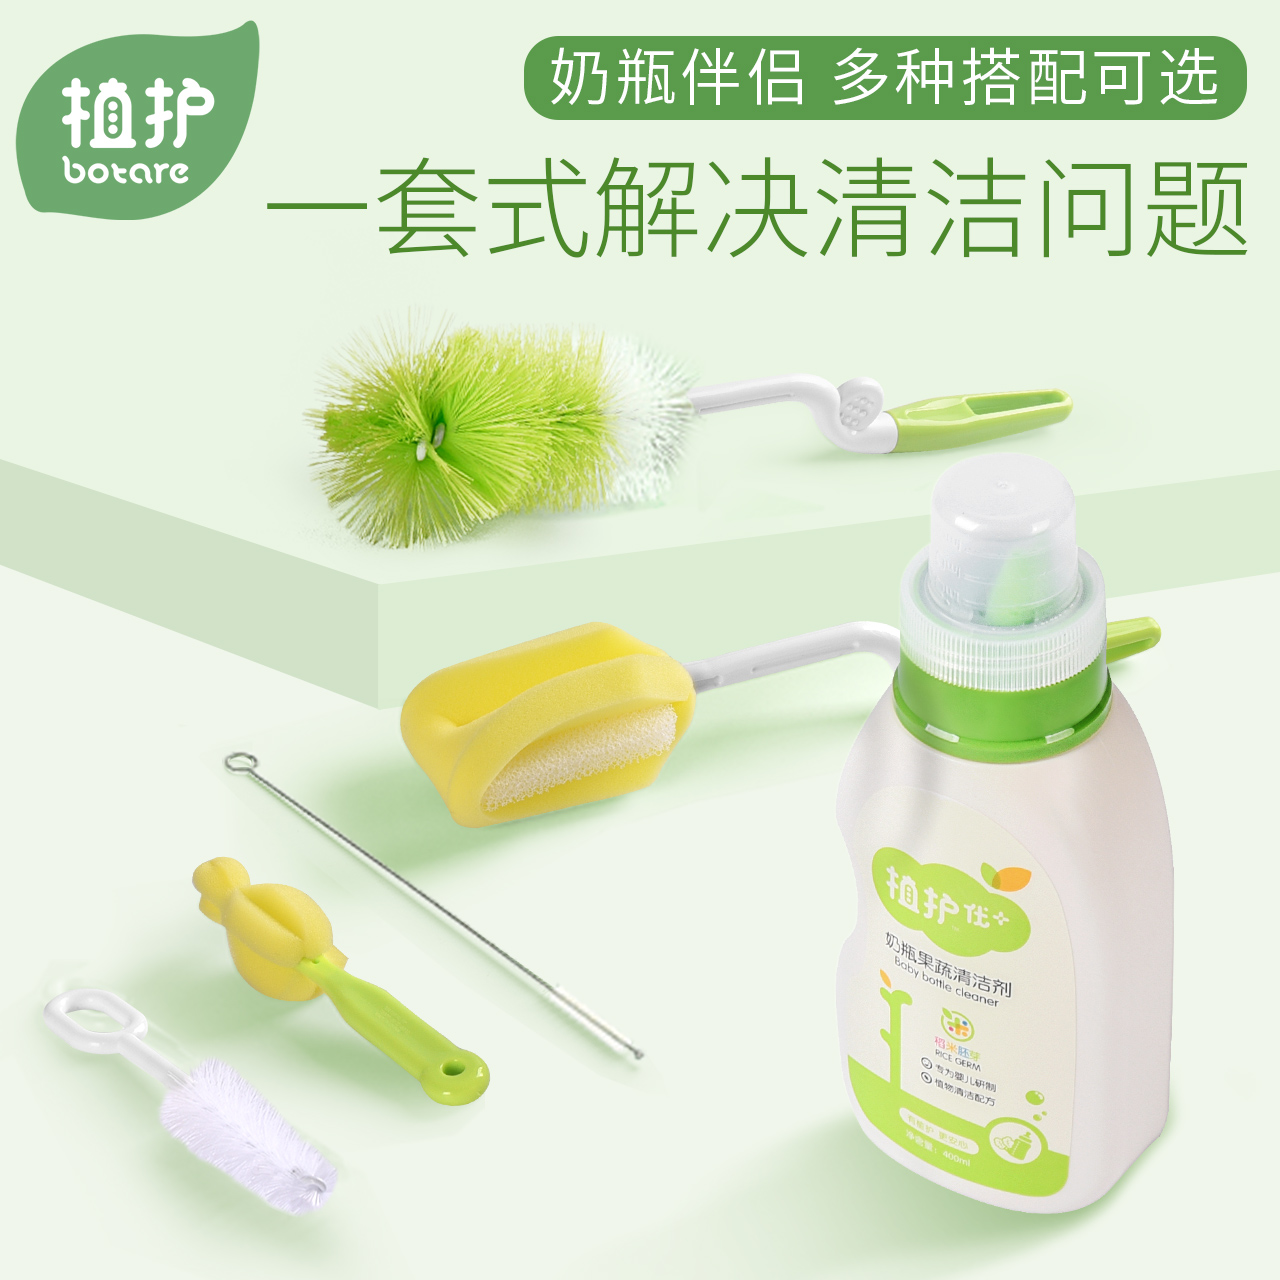 植护奶瓶刷子套装奶嘴刷工具清洁器